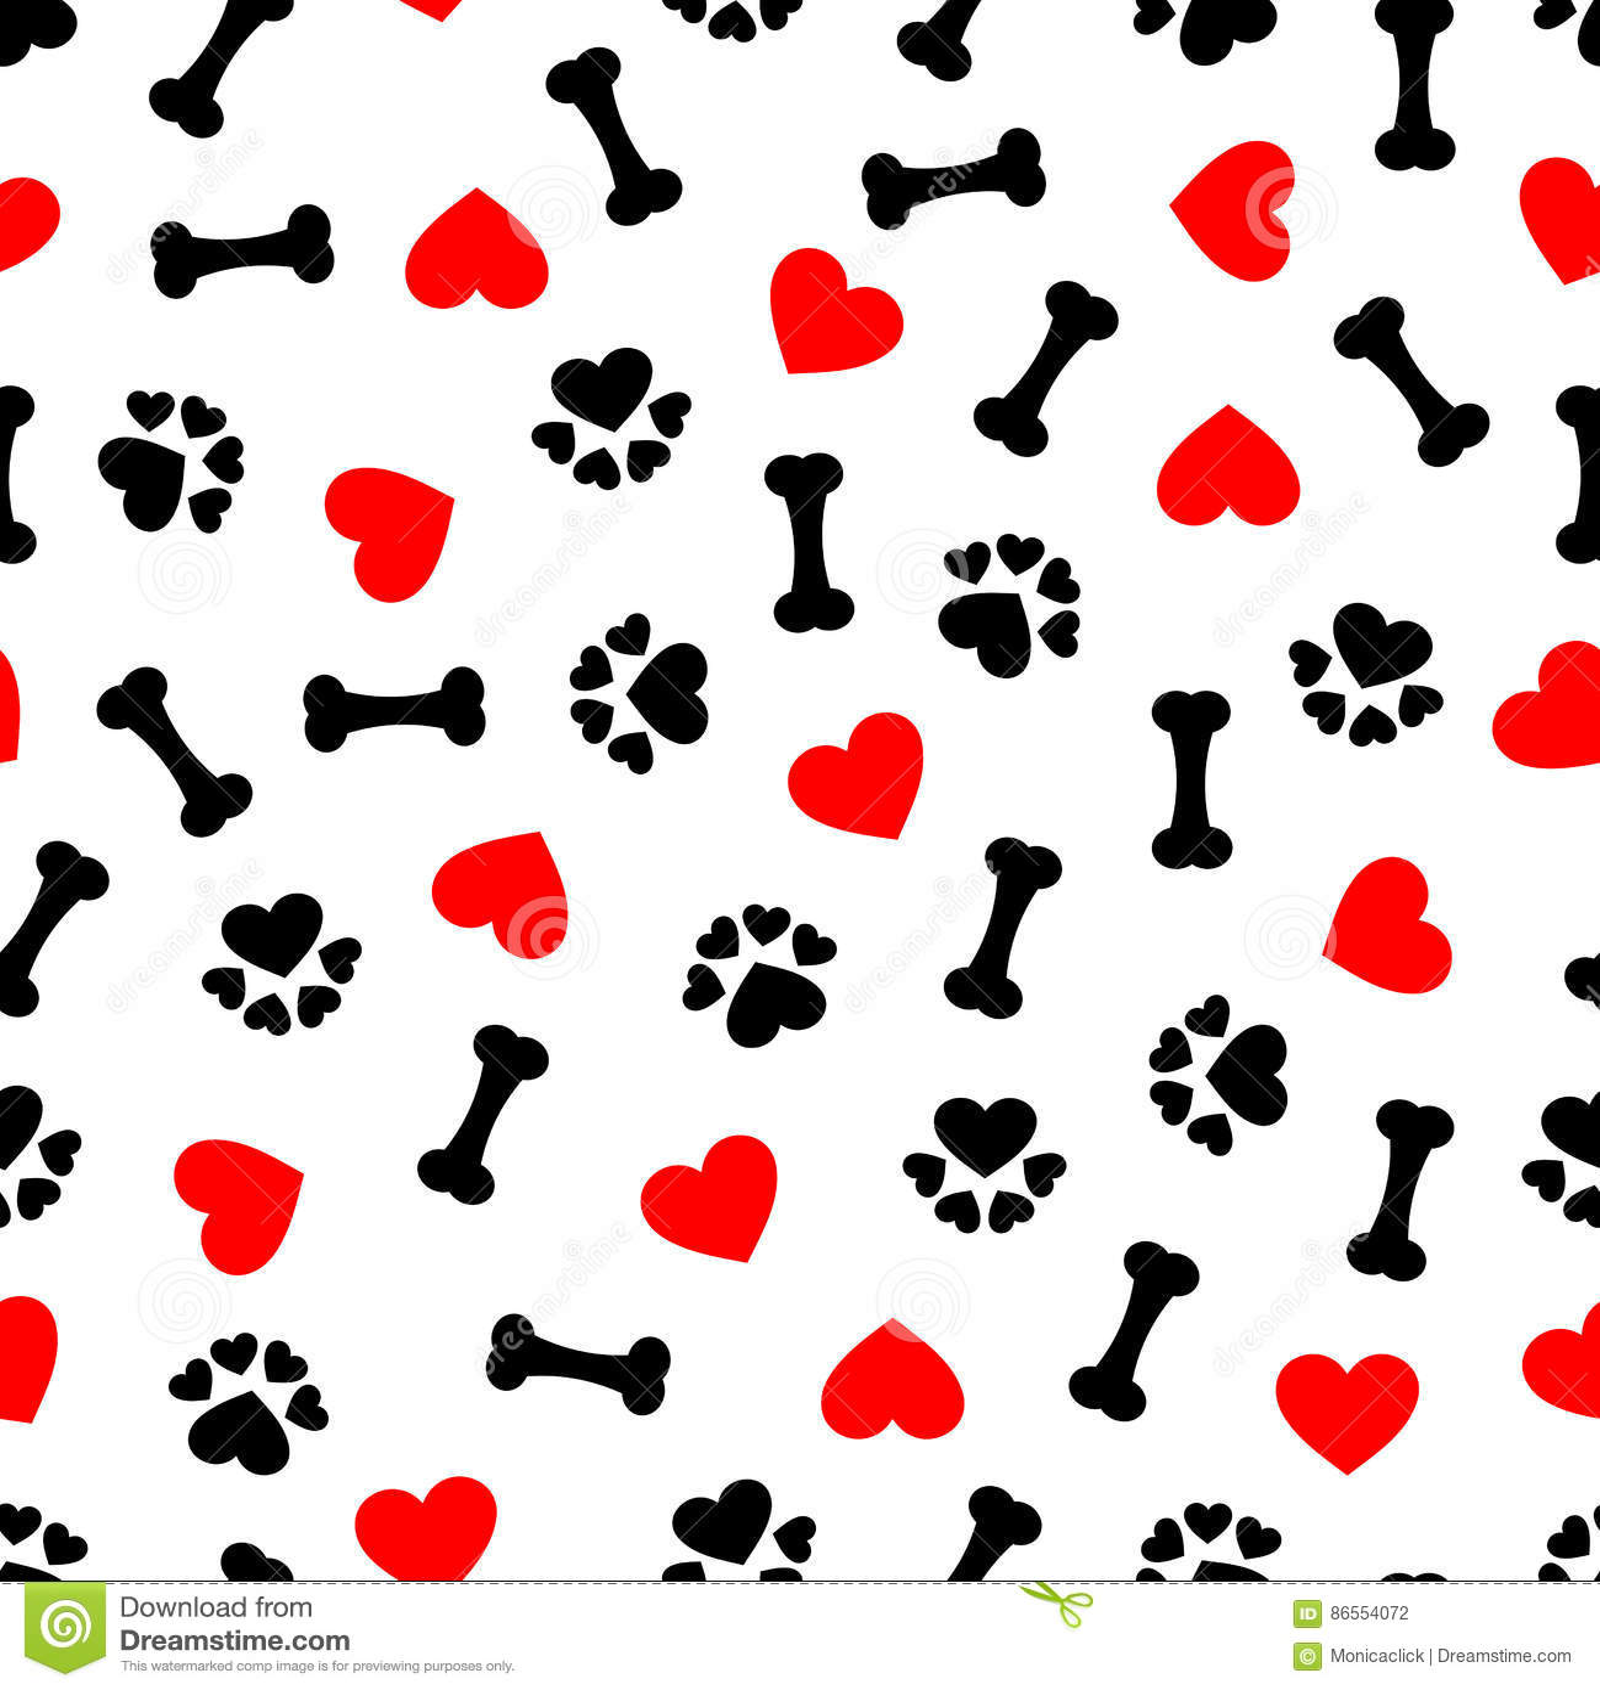 Leuk naadloos patroon met hondbeen, pootdruk en rood hart, transparante achtergrond